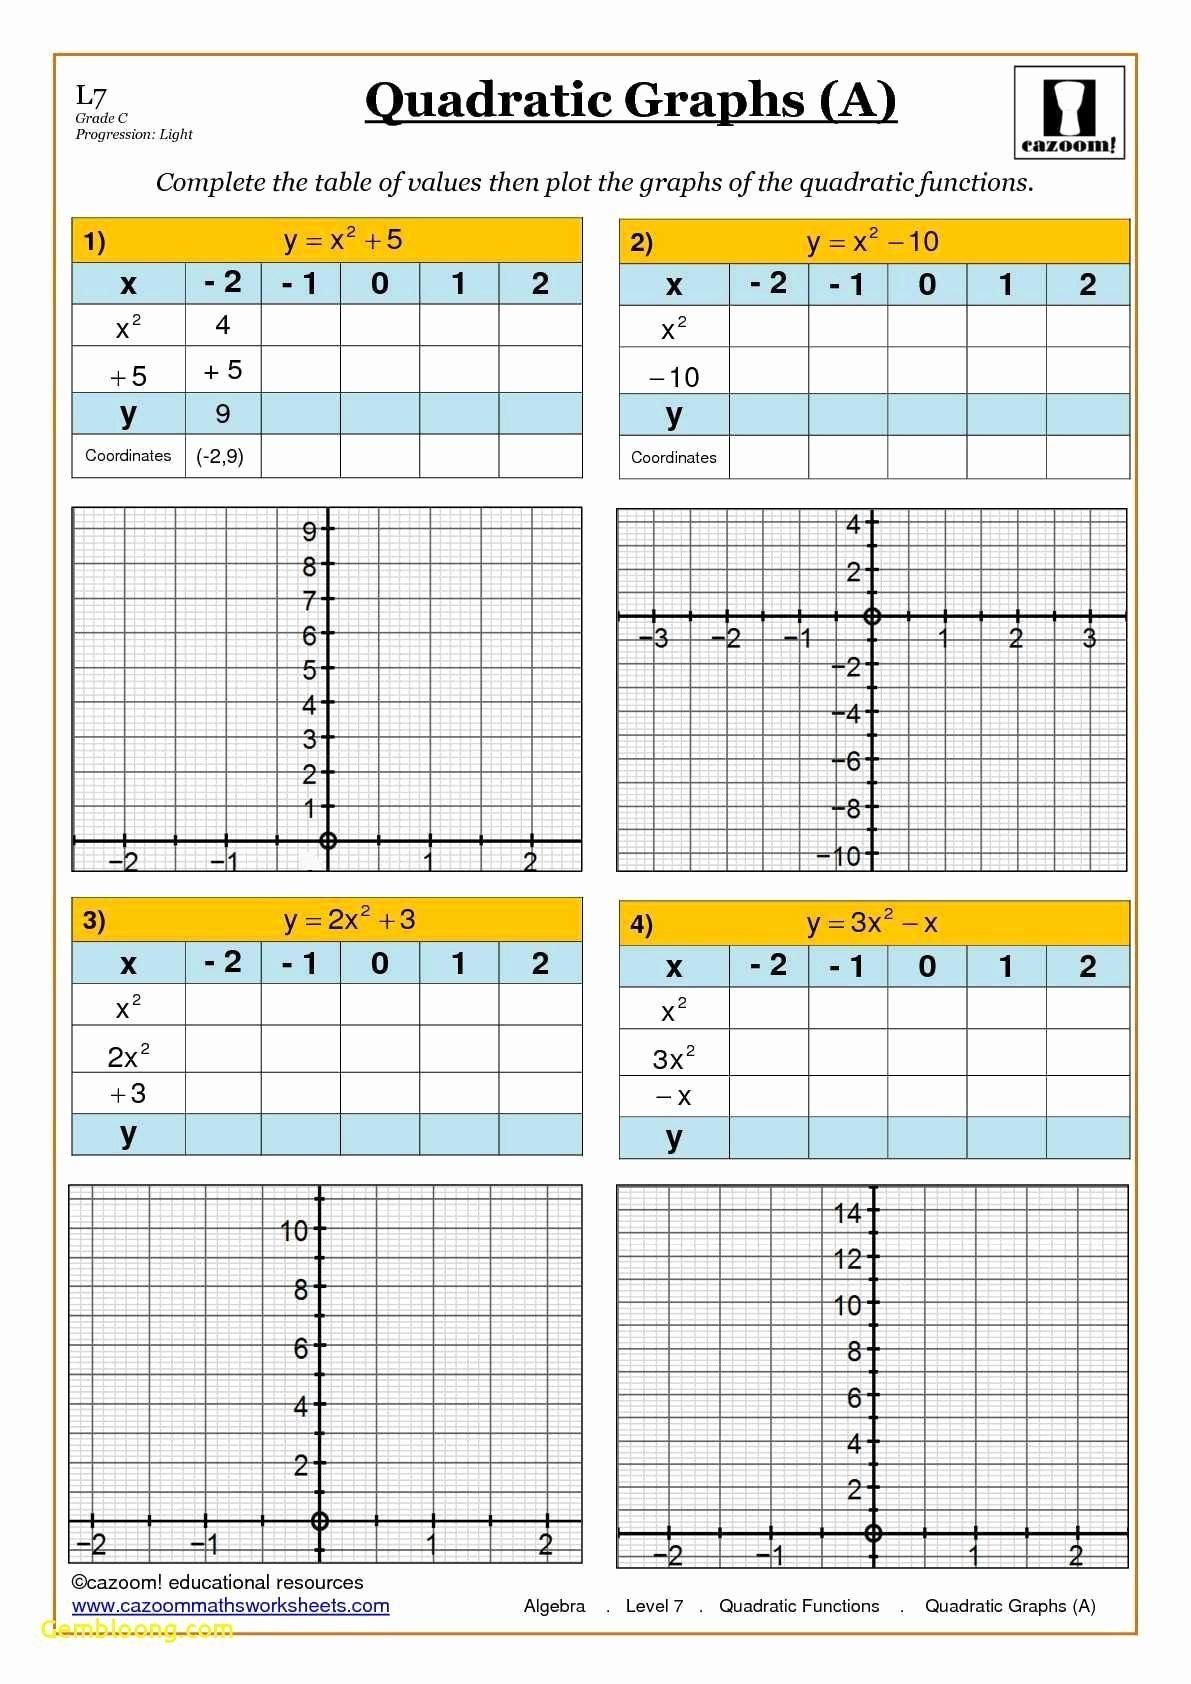 Characteristics Of Quadratic Functions Worksheet Awesome Characteristics Quadratic Functions New Worksheet